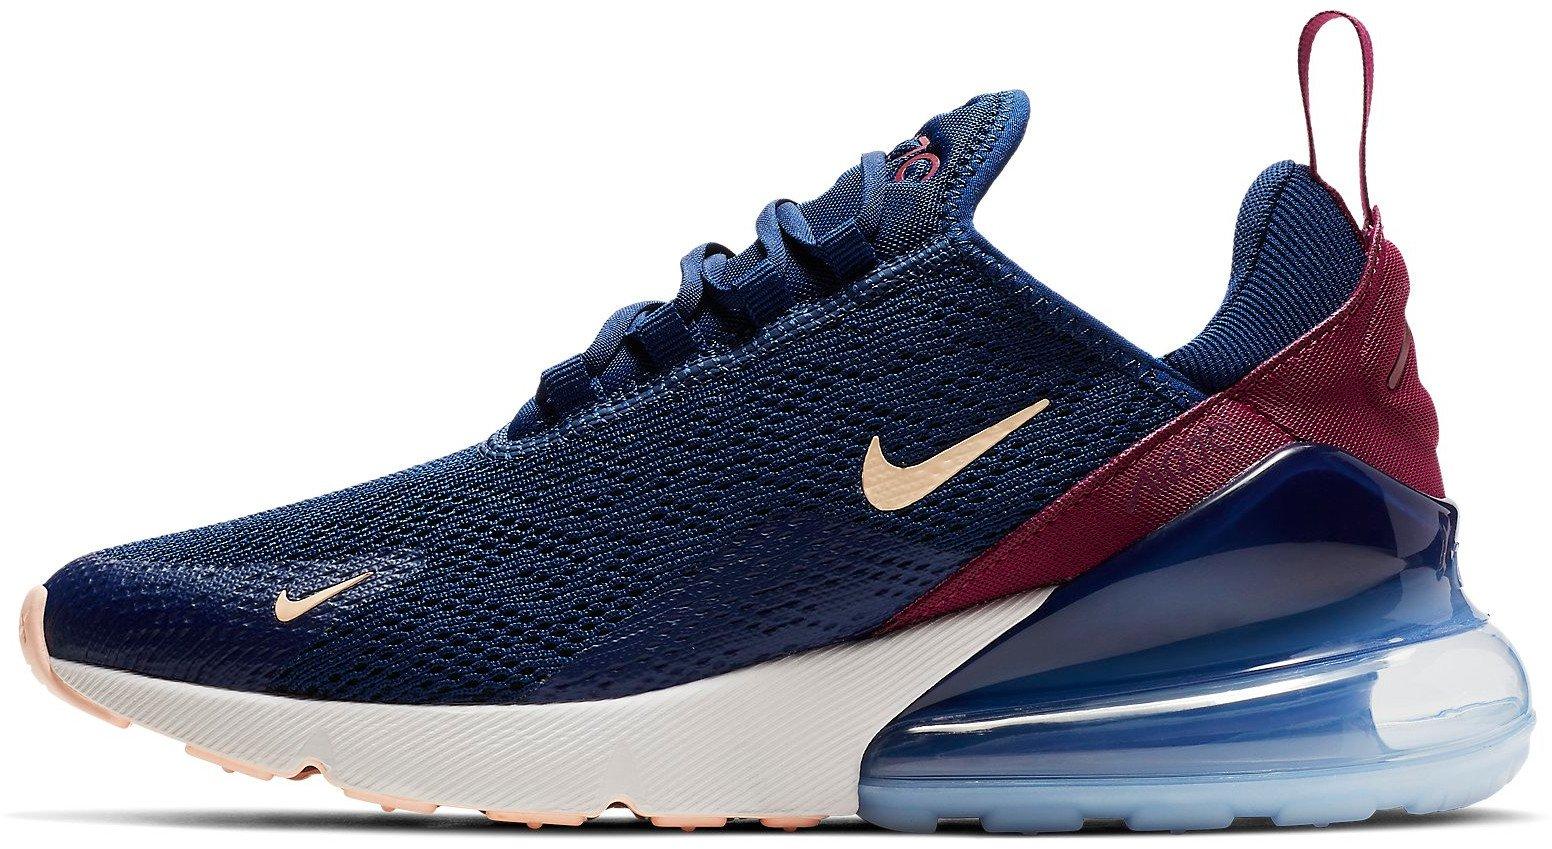 6d7a91e18ae6e Dámská obuv Nike Air Max 270 - Top4Football.cz